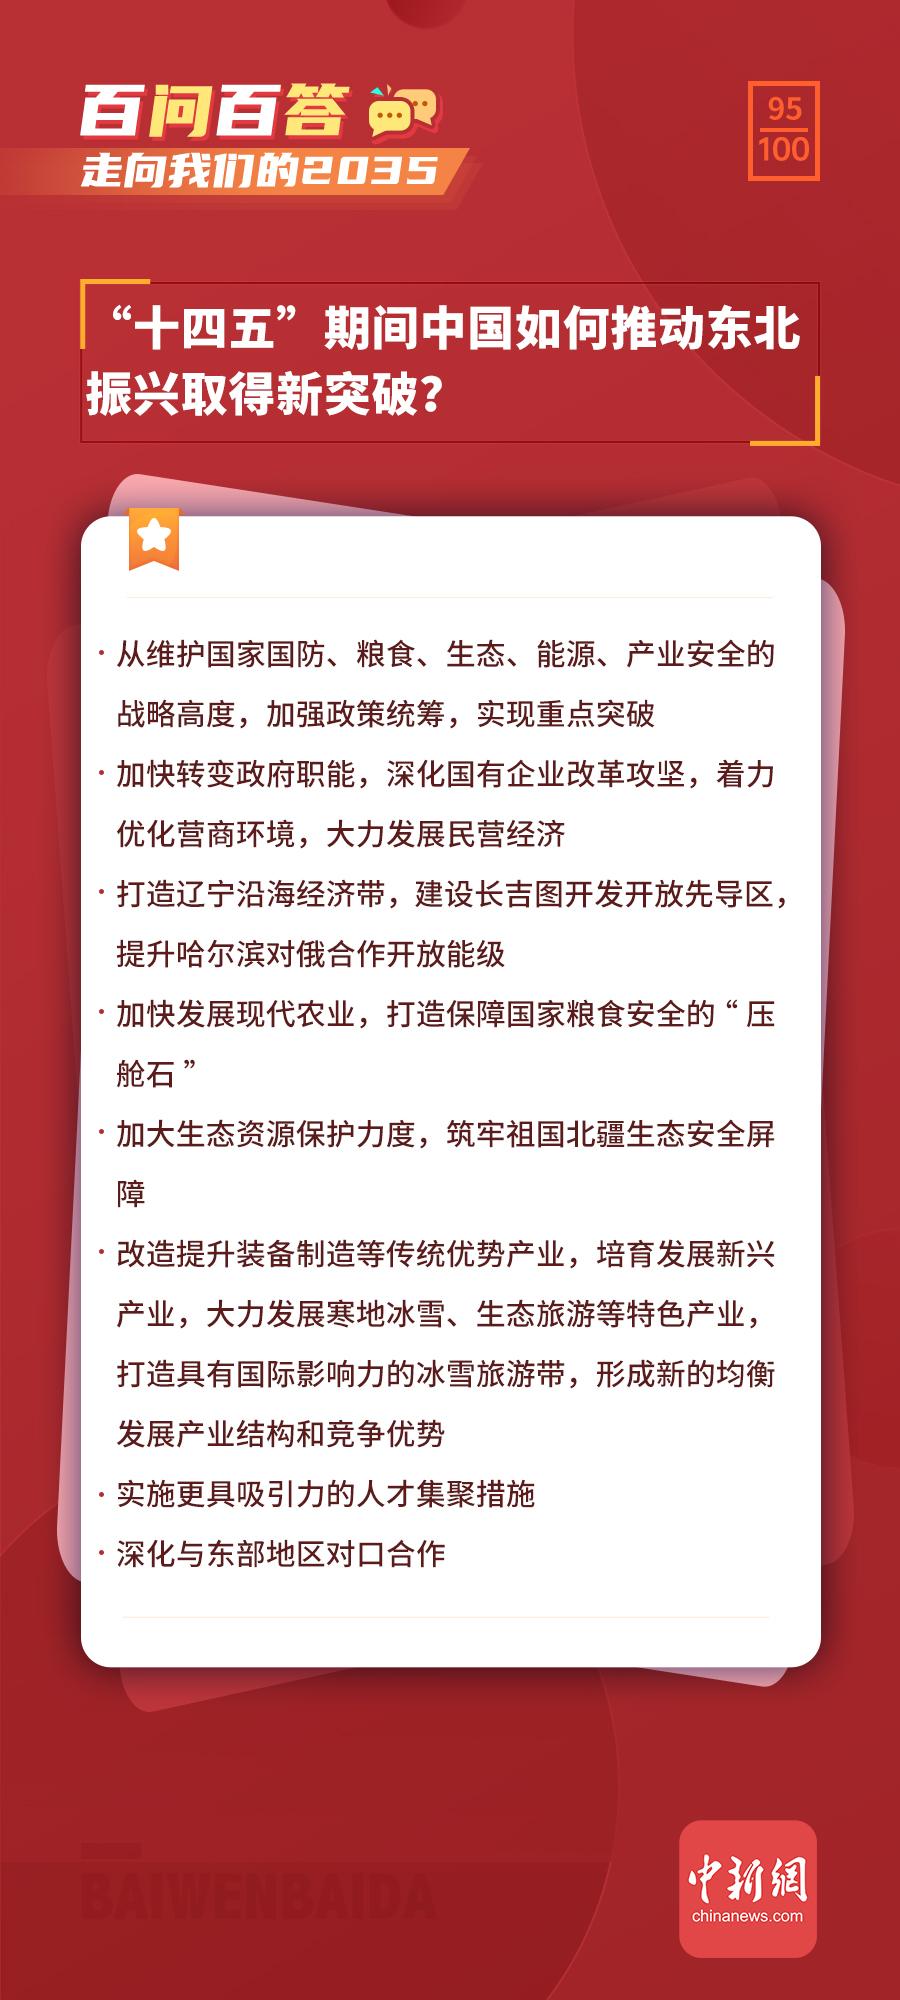 """【走向我们的2035·百问百答】""""十四五""""期间中国如何推动东北振兴取得新突破?"""